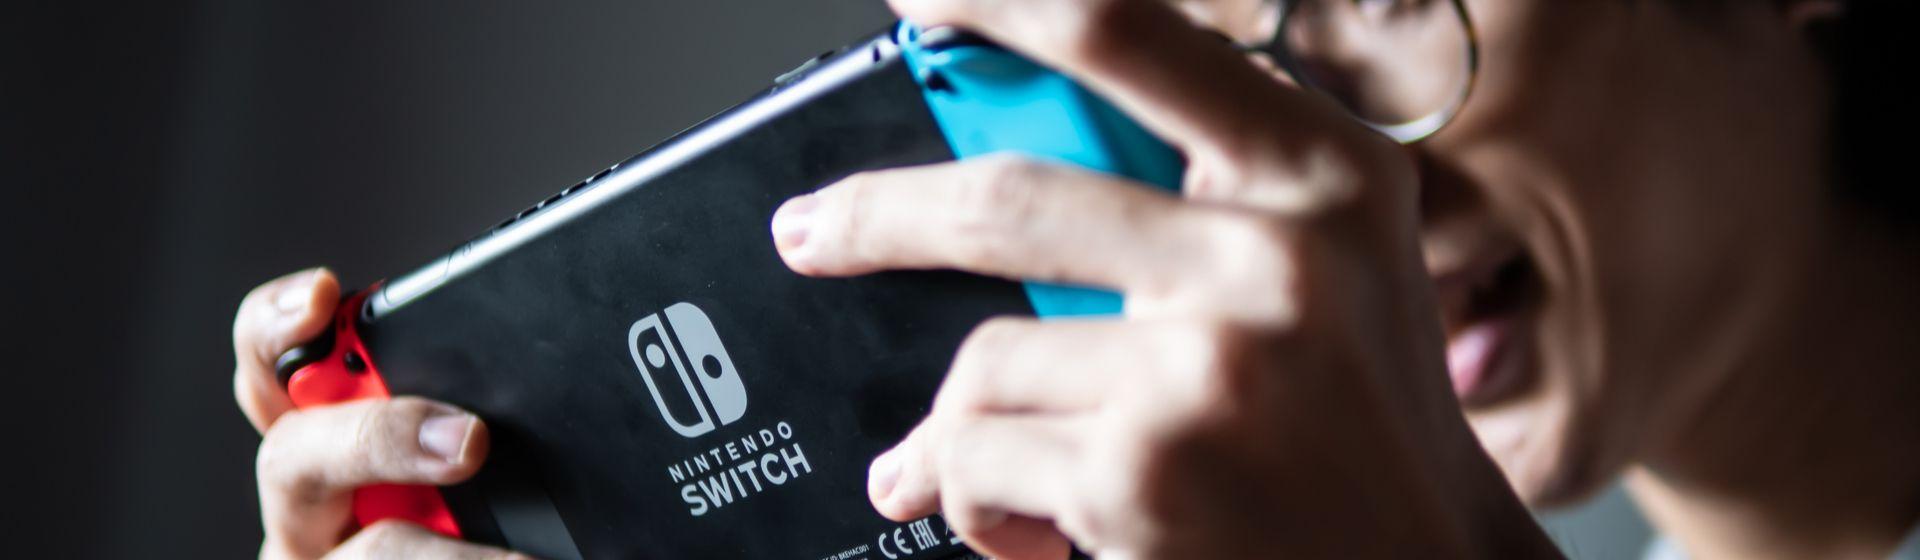 Nintendo eShop do Brasil chega ao Switch com 400 jogos em dezembro